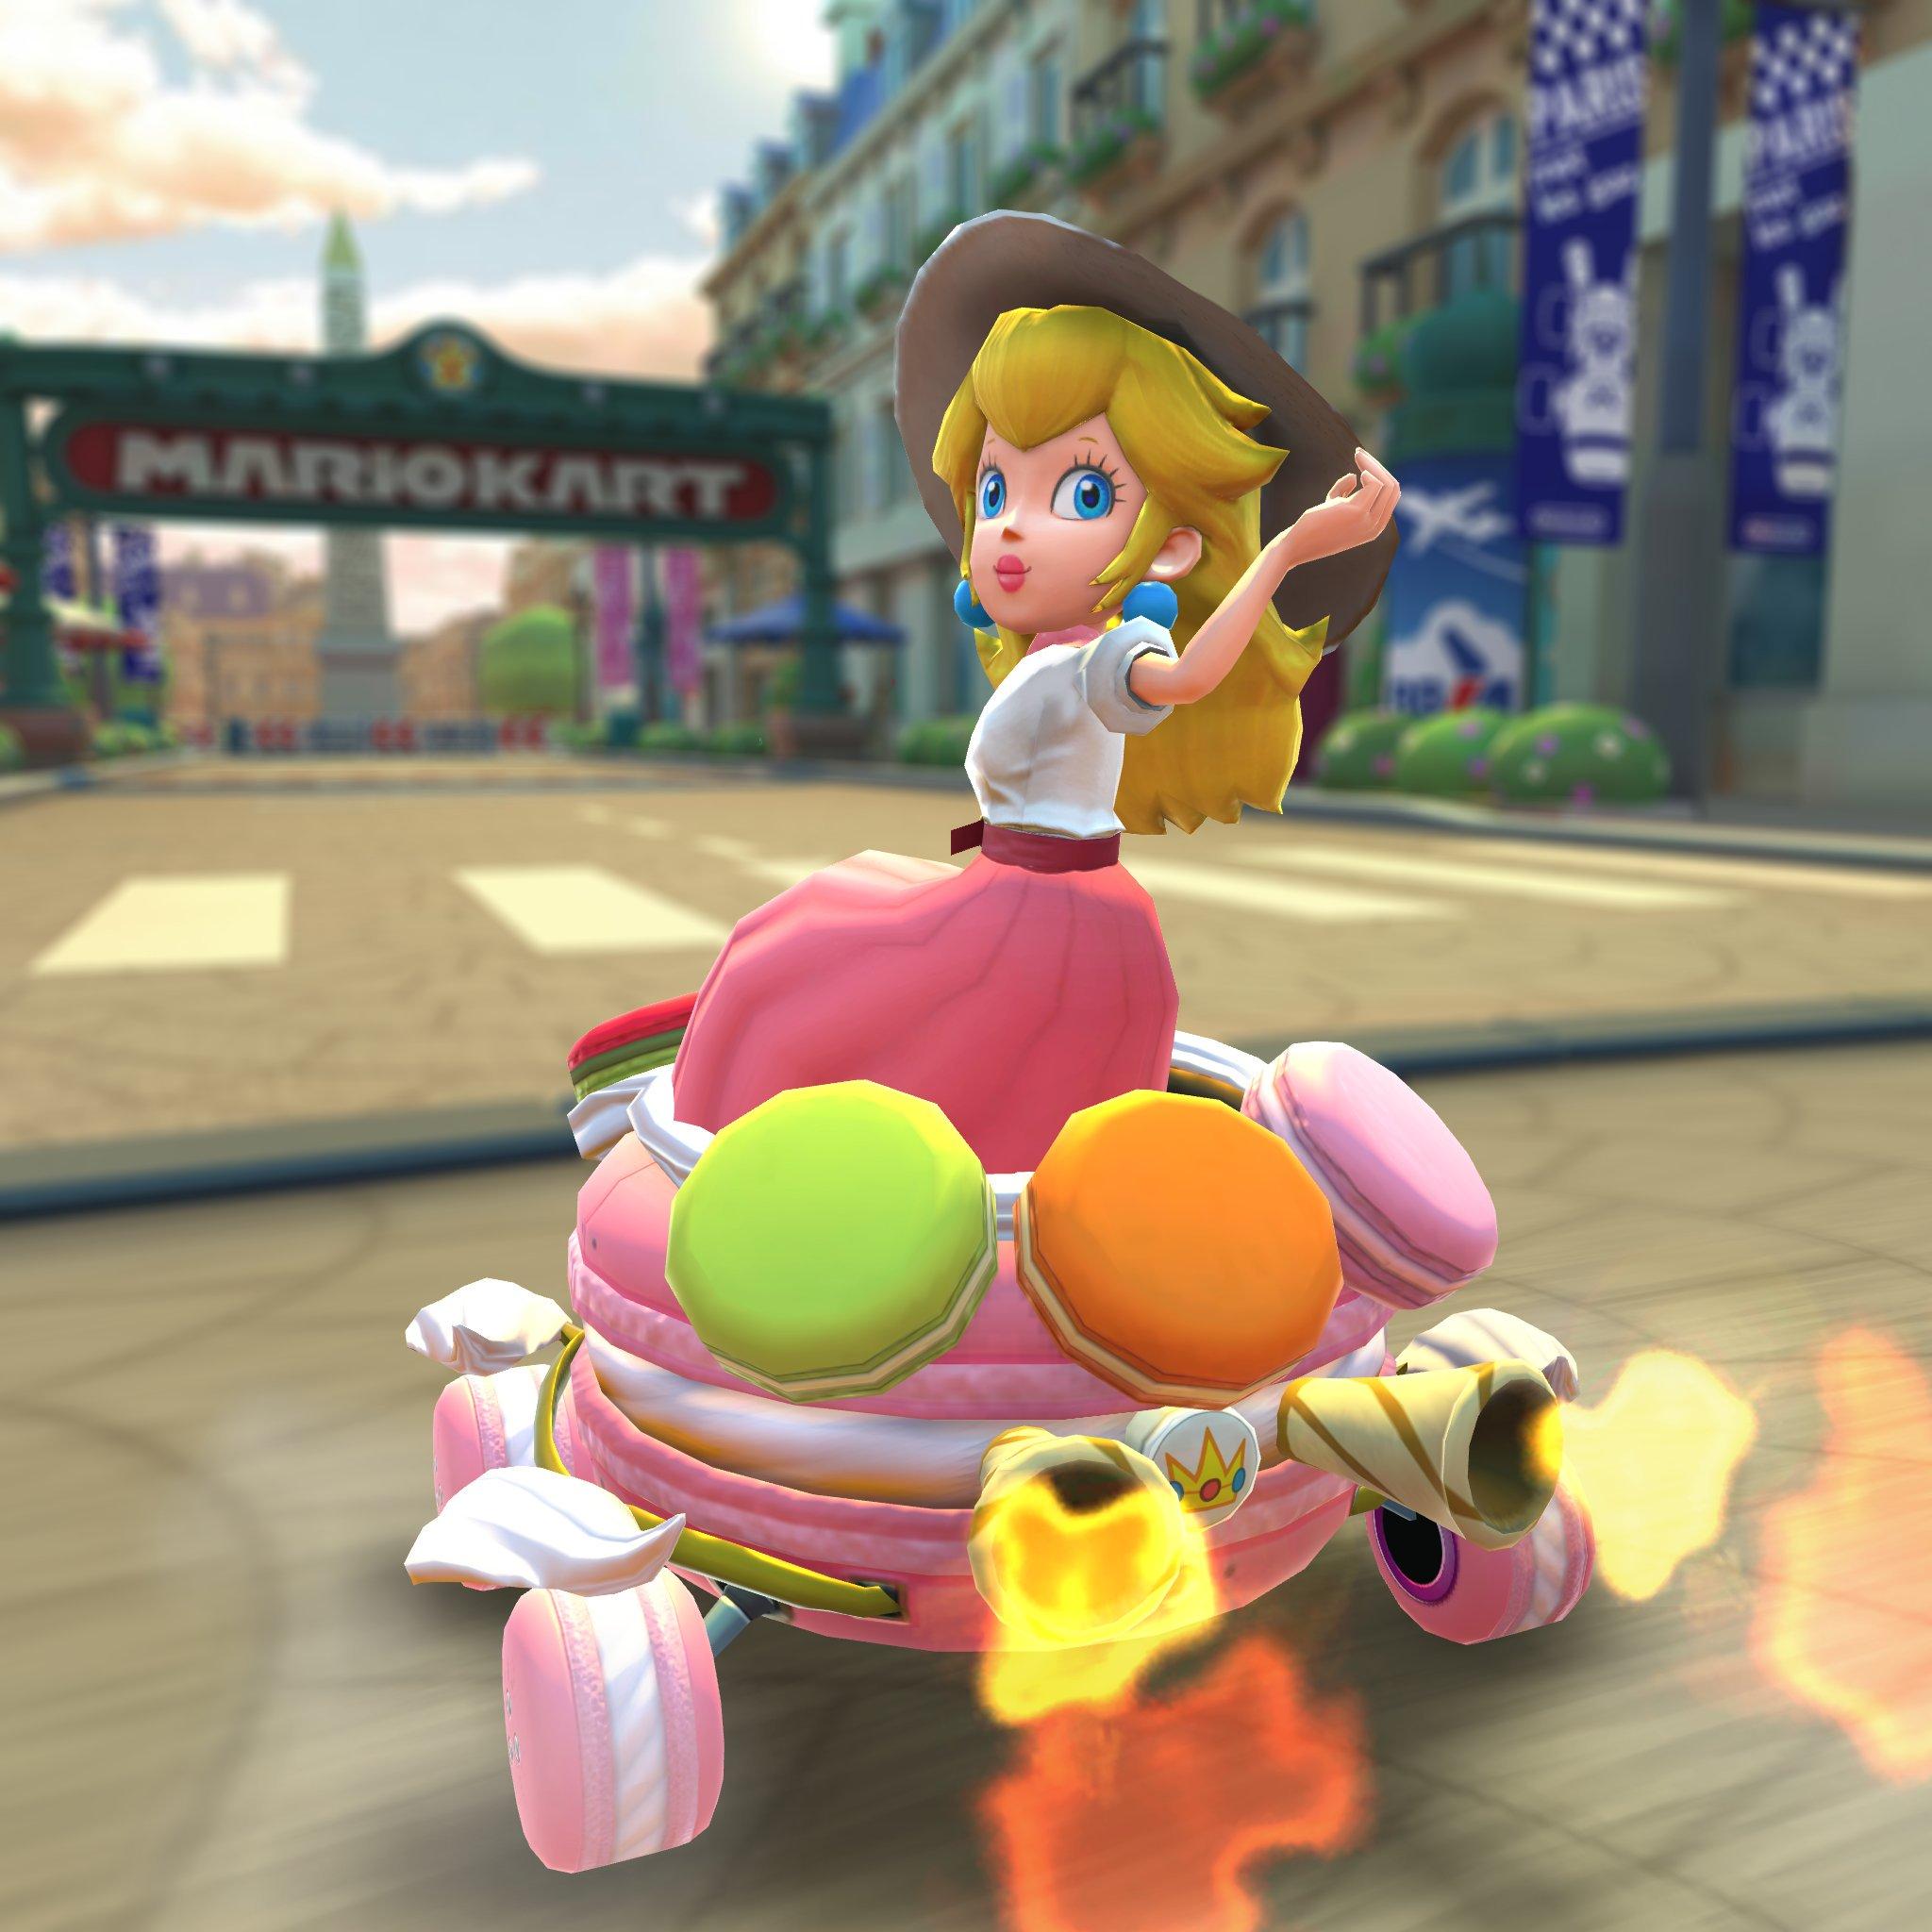 Mario Kart Tour S Next Event Is The Paris Tour Vgc